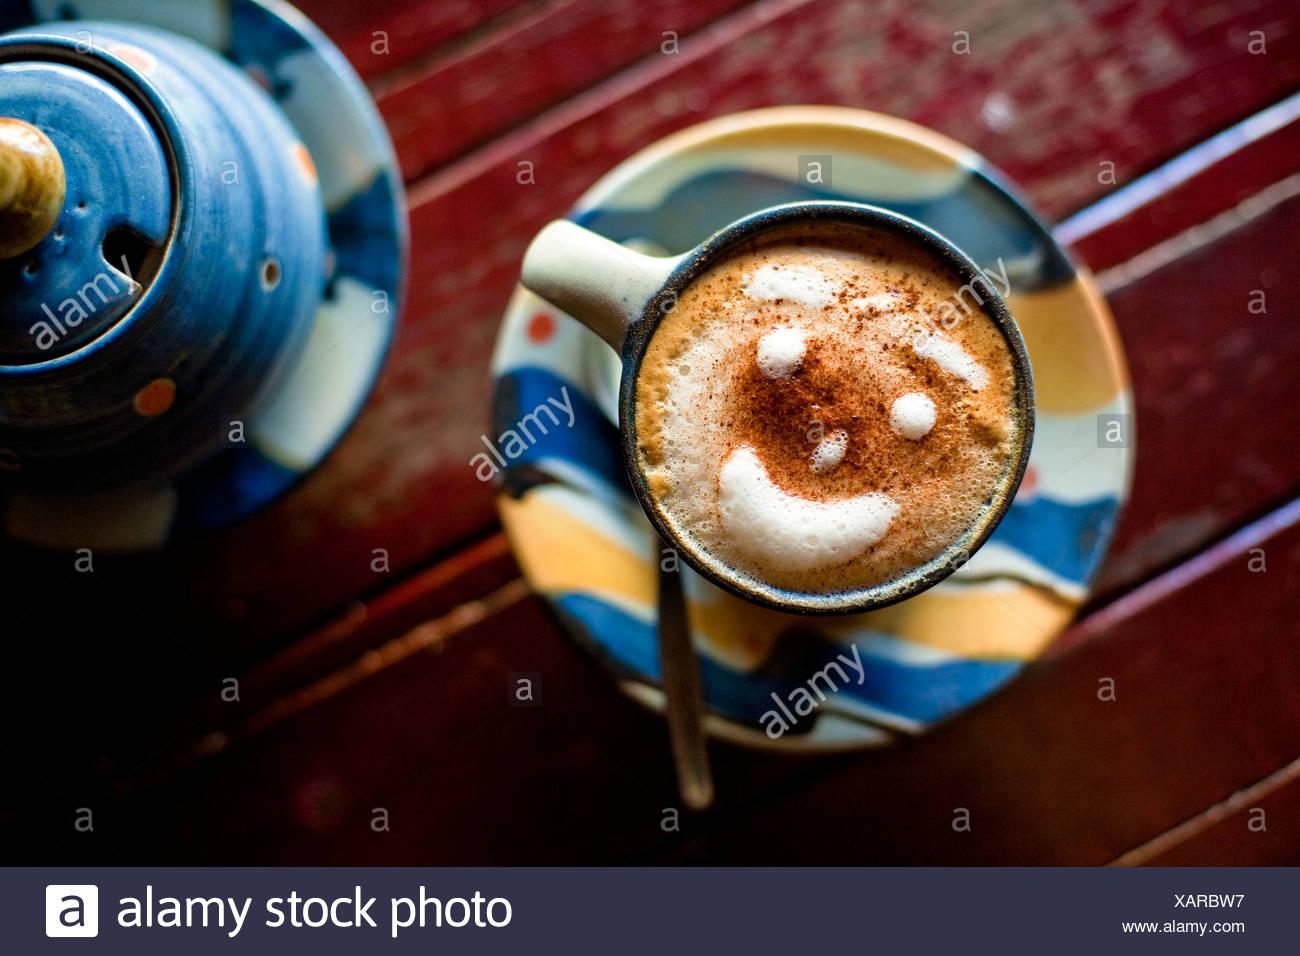 Nahaufnahme Foto von einer Tasse Espresso mit einem lächelnden Gesicht aus Schaumstoff gefertigt. Stockbild